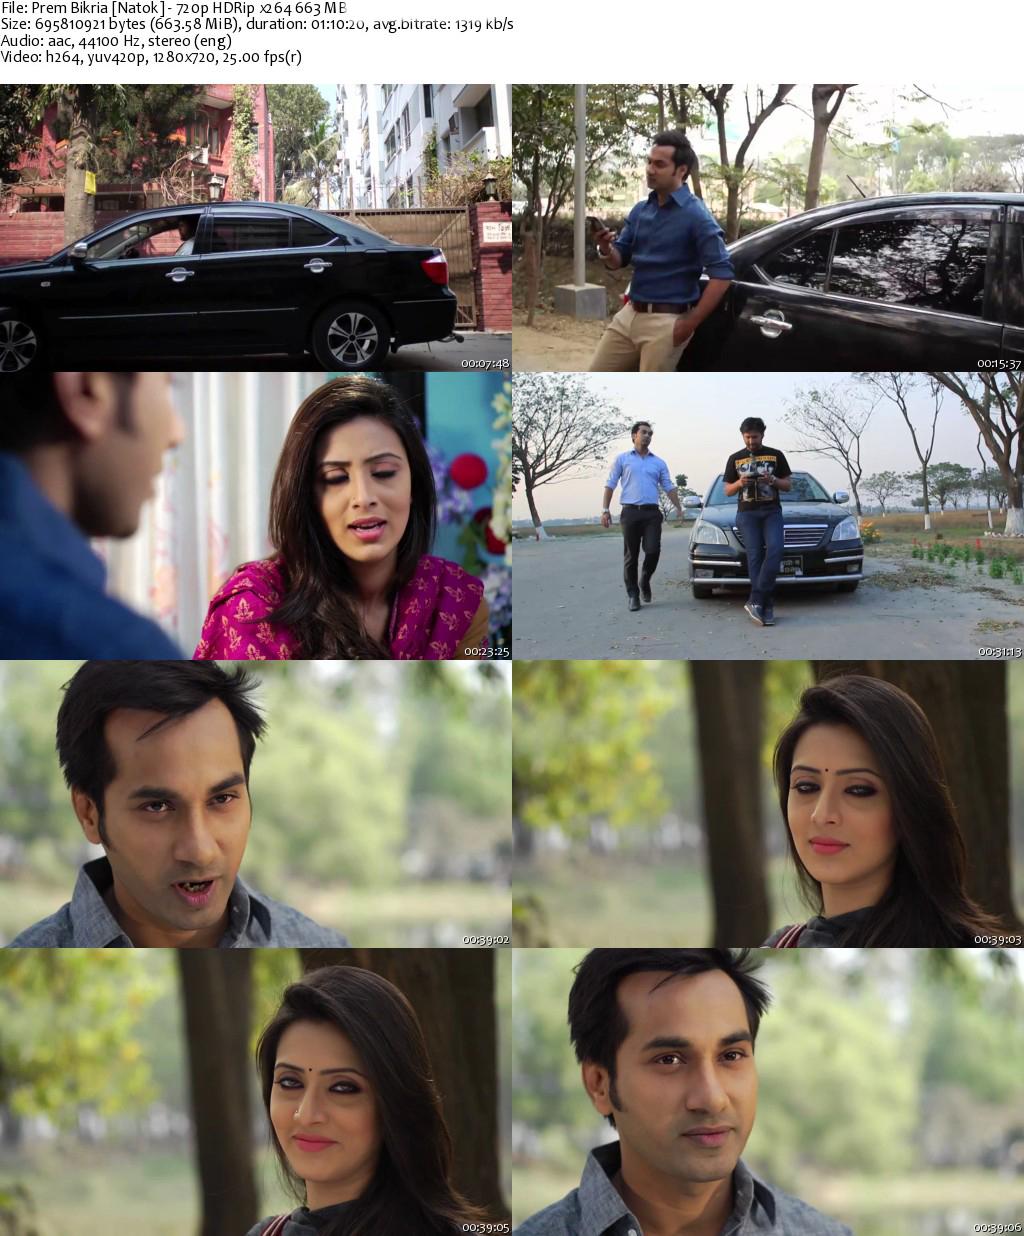 Khatarnak Khiladi 2 South Full Movie Download: Prem Bikria [Natok] - 720p HDRip X264 663 MB MKV